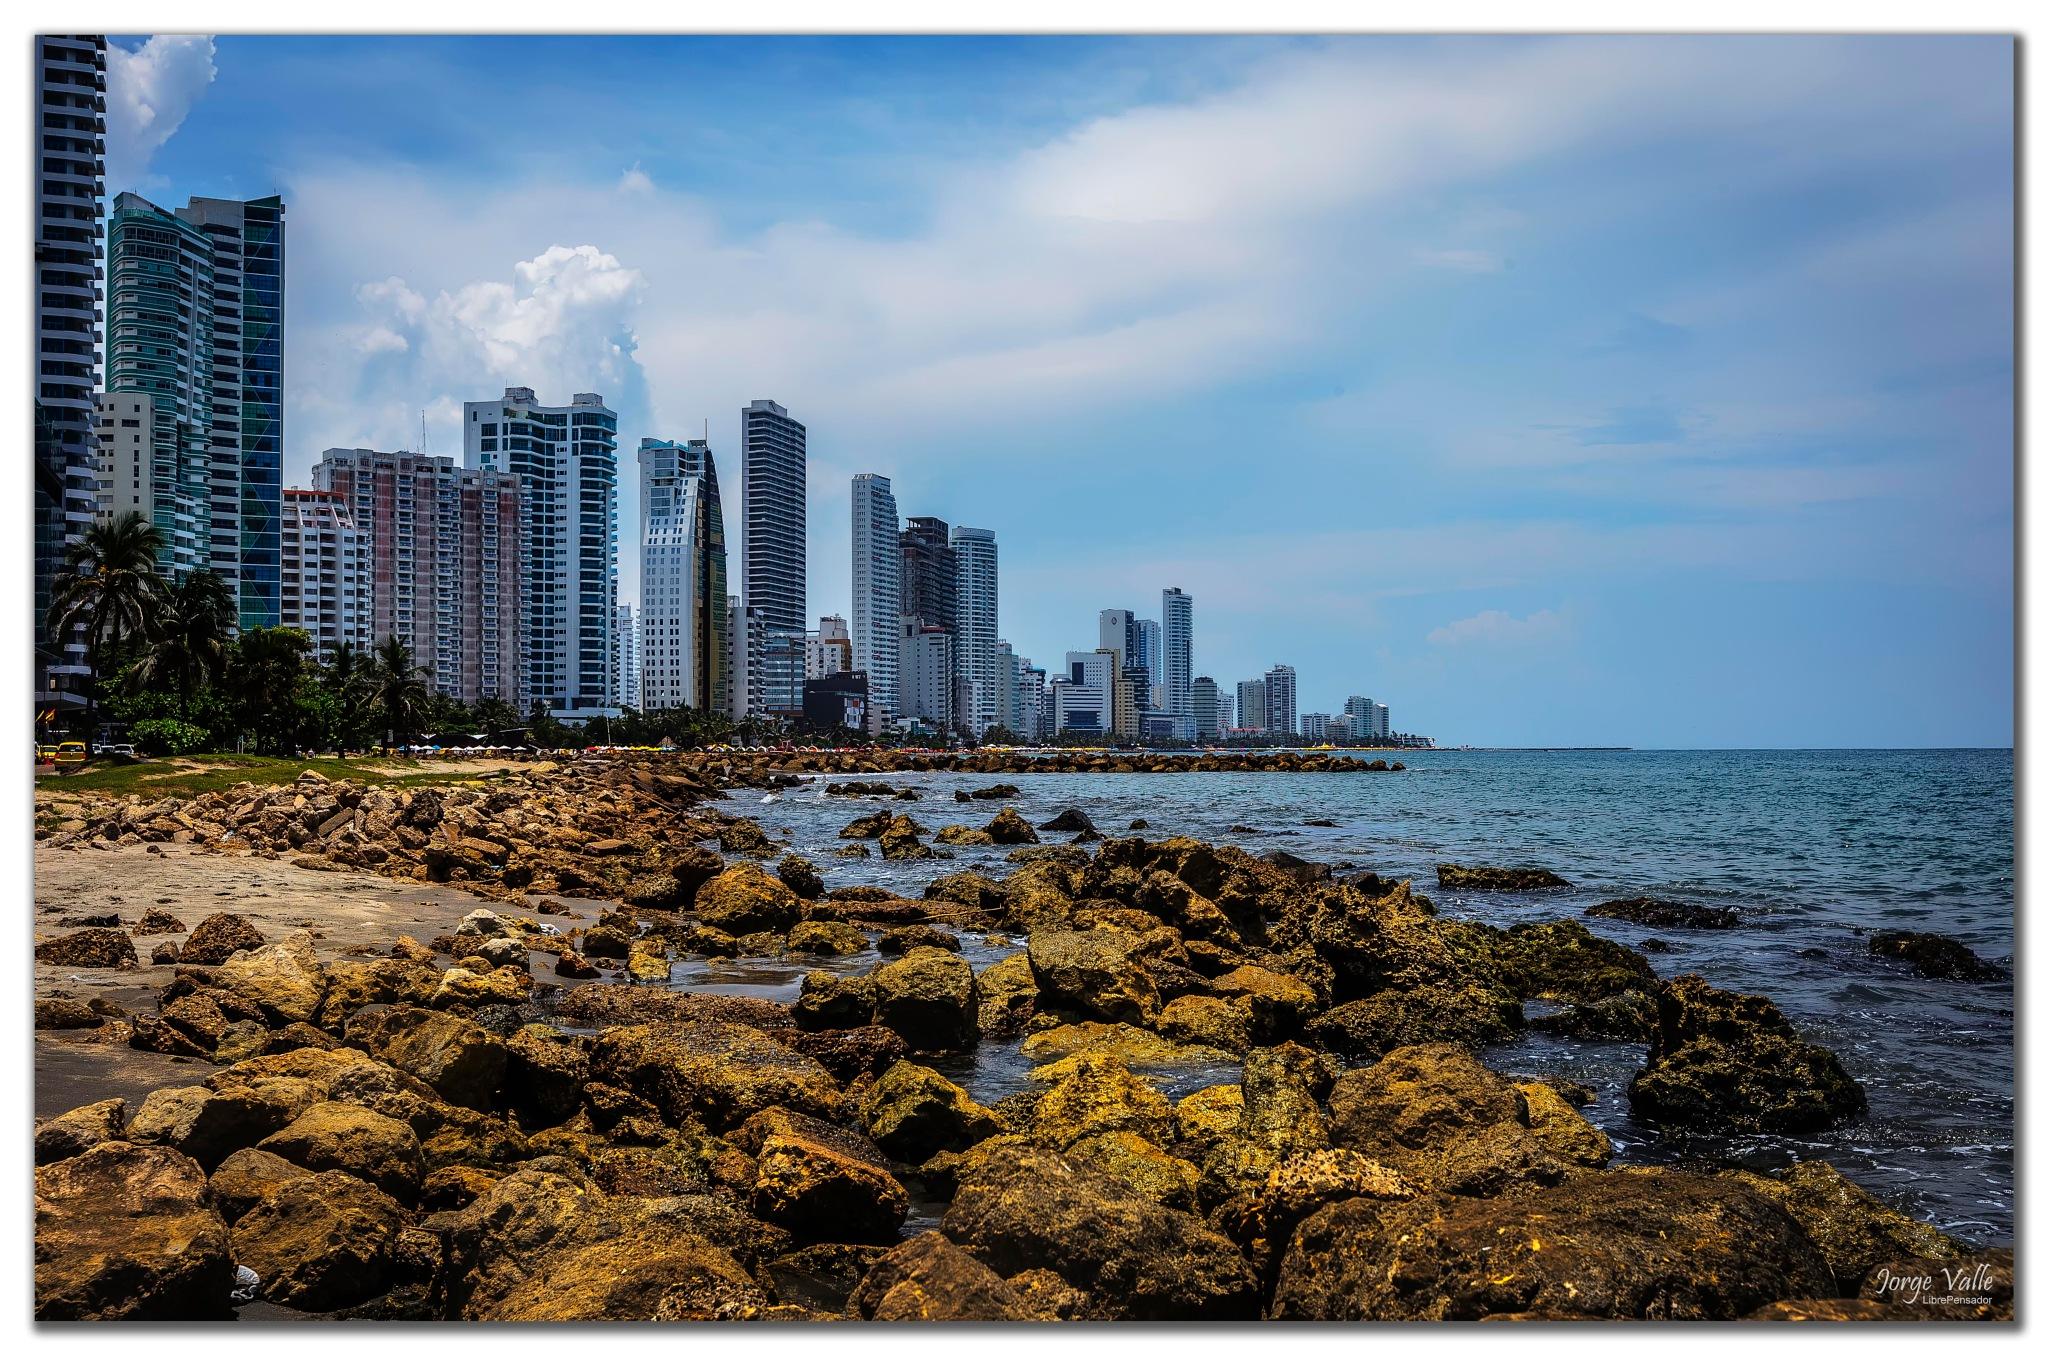 Cartagena de Indias by Jorge Valle del Carpio